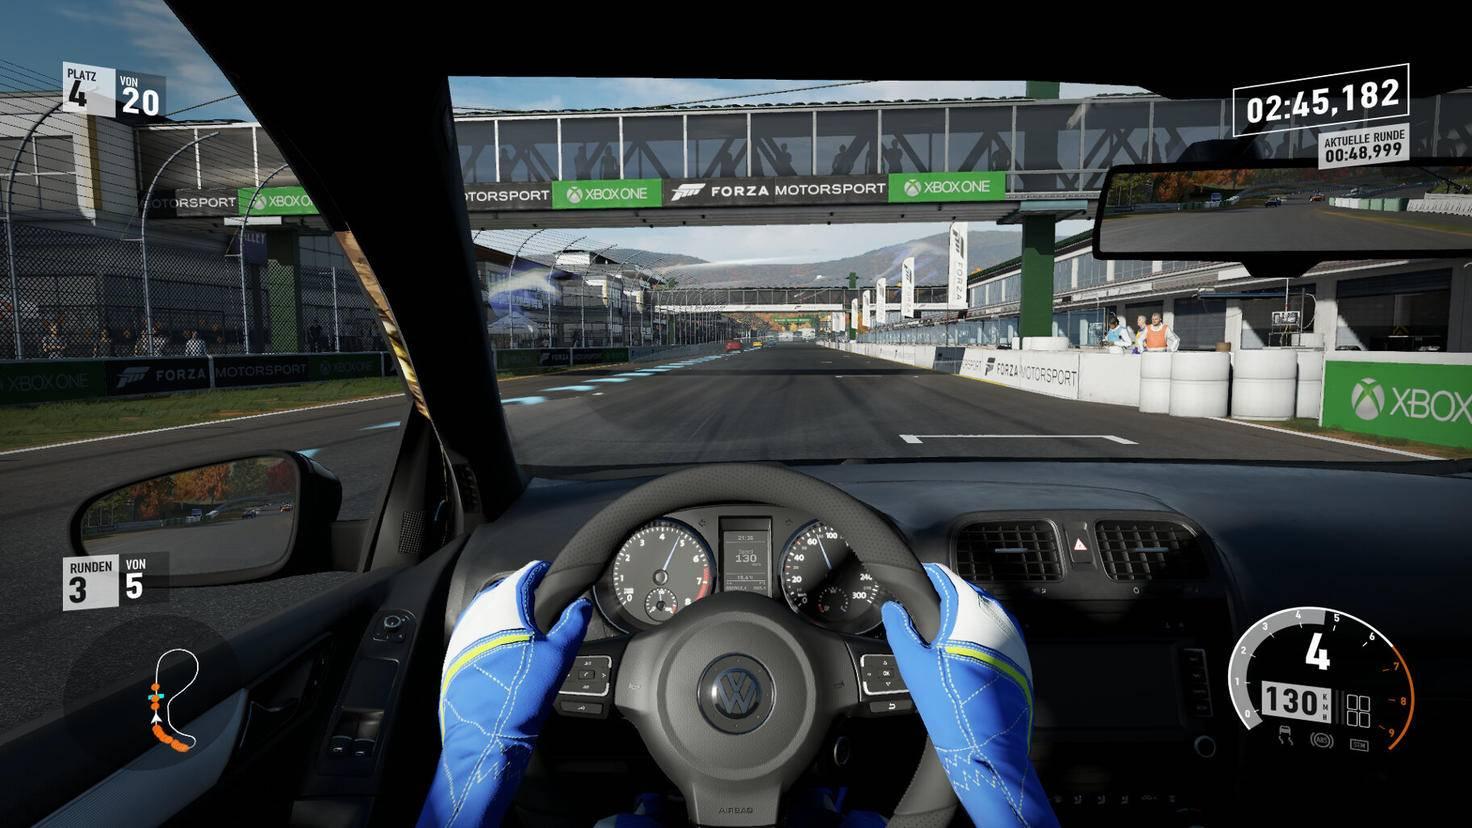 Die Cockpit-Ansicht gibt es für Besitzer eines Gaming-Lenkrads auch ohne Stuerrad-Ansicht.